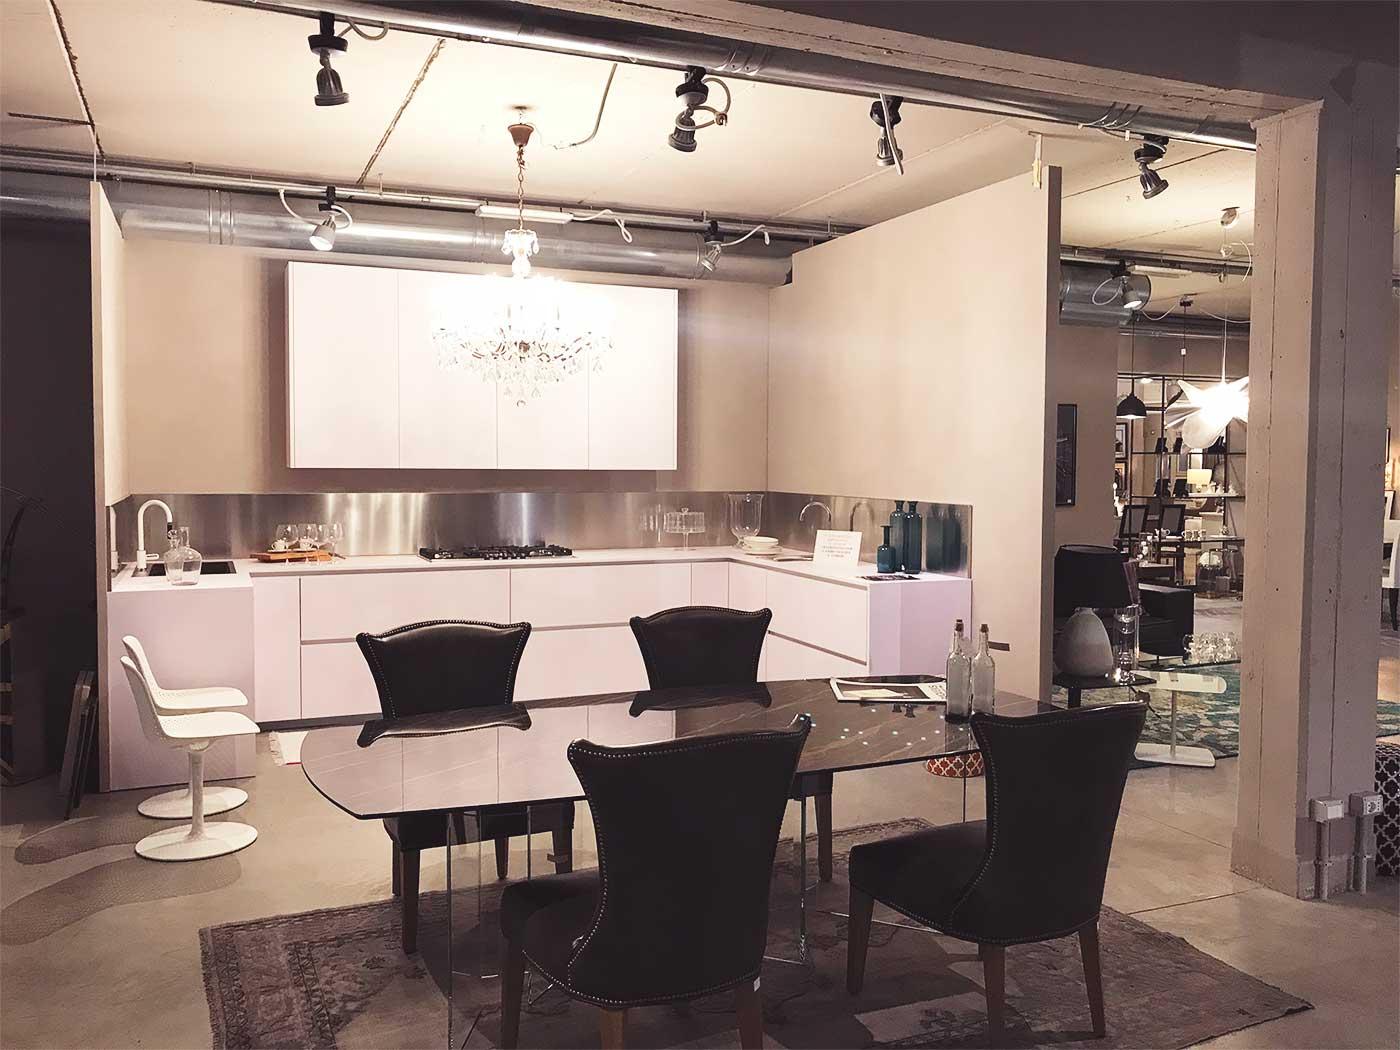 Tavolo-cucina-in-vetro-con-sedie